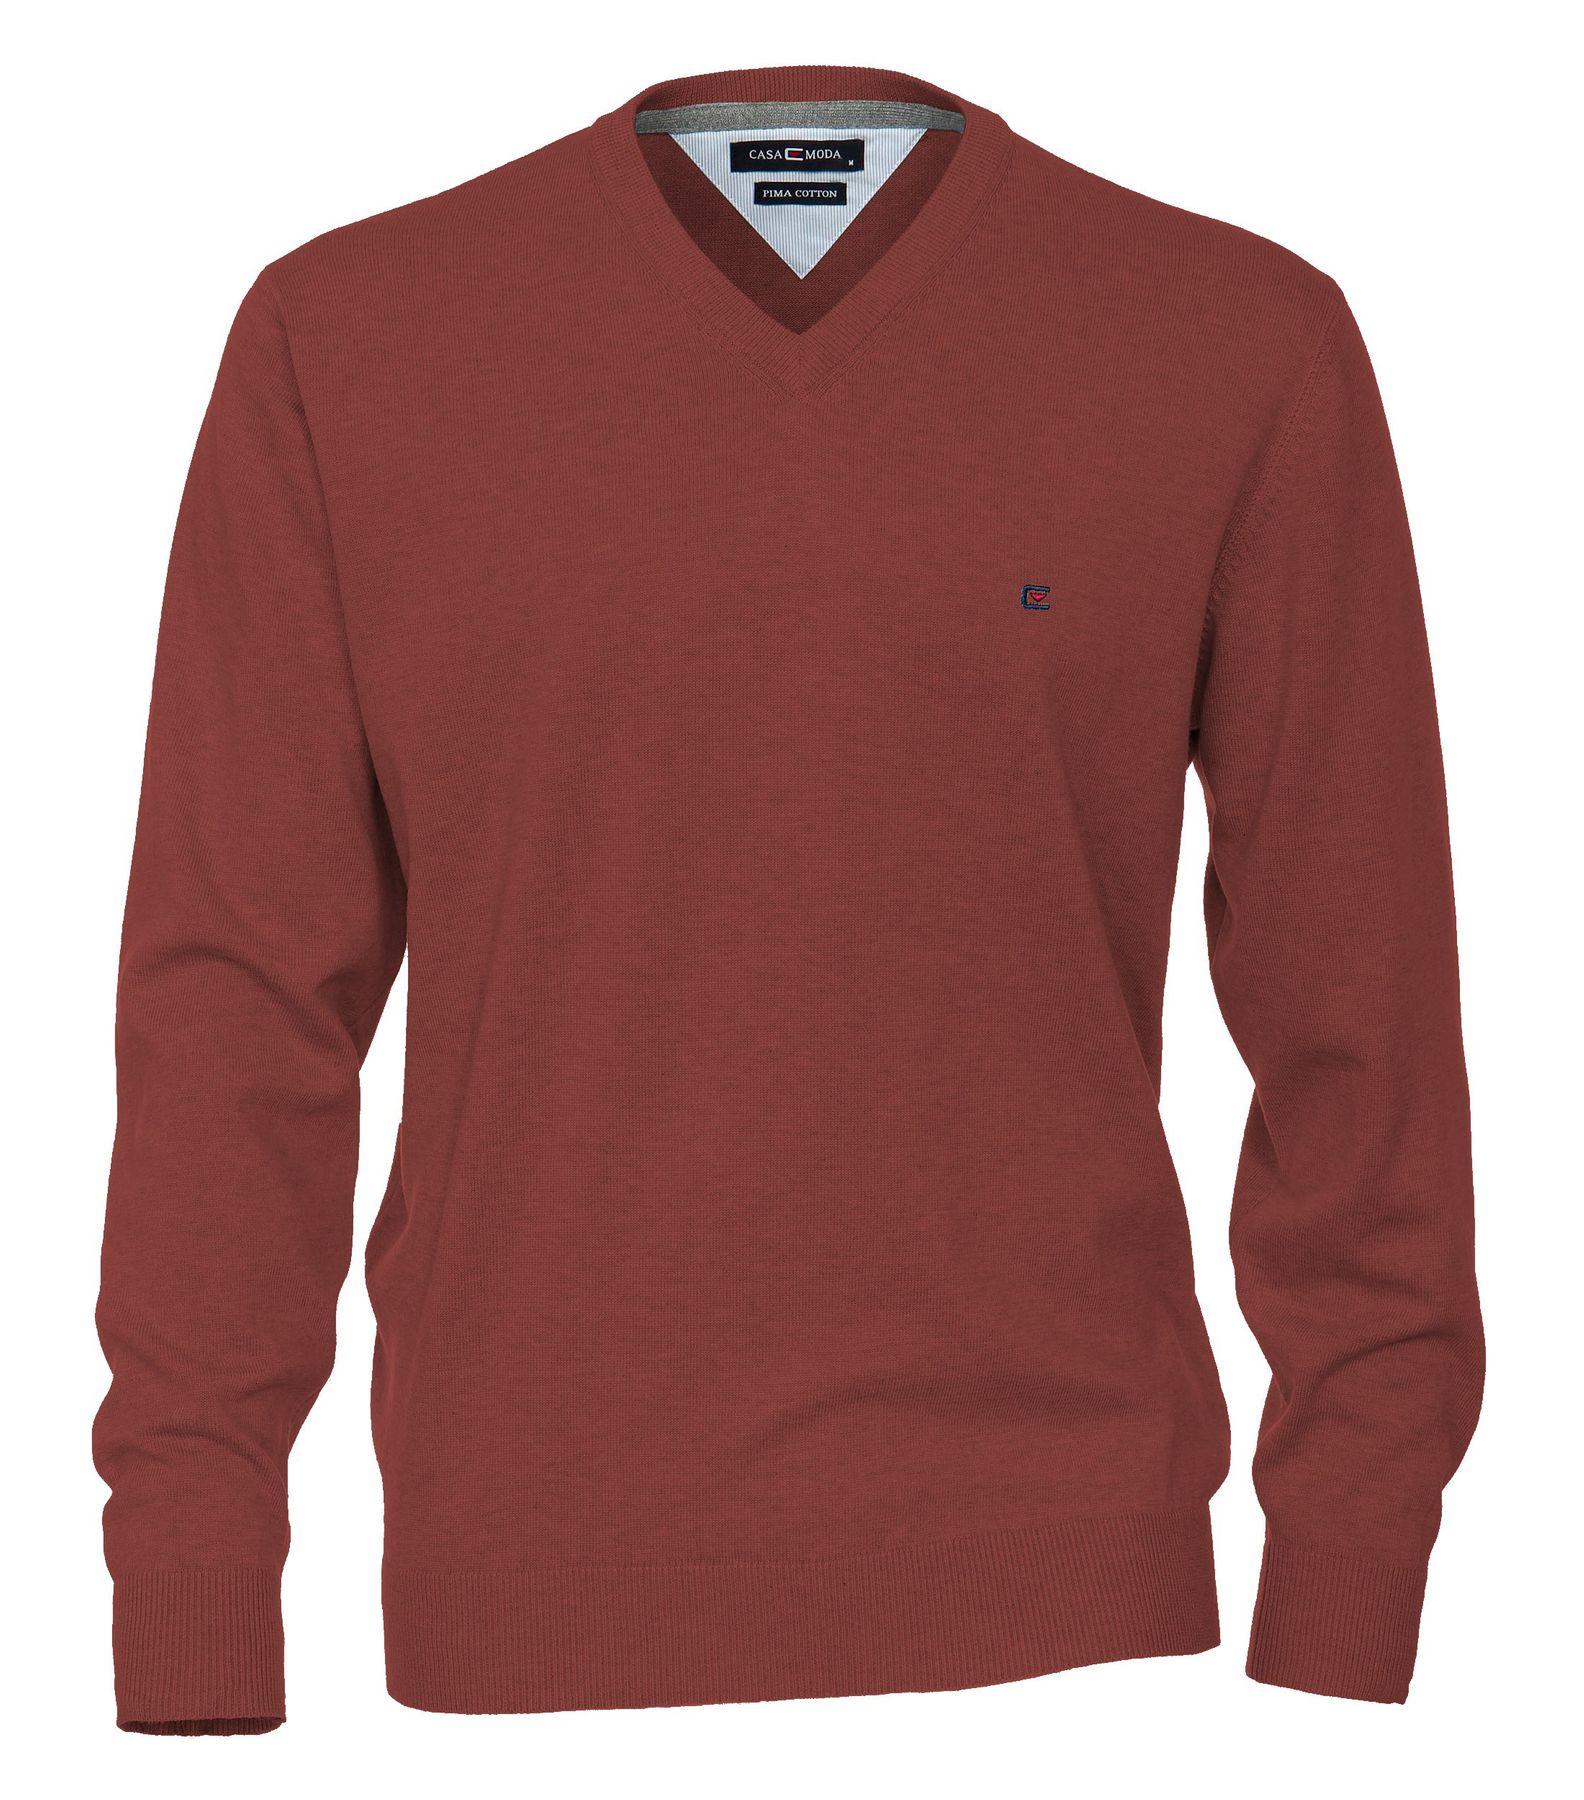 Casa Moda - Herren Pullover mit V-Ausschnitt in verschiedenen Farben (004130A) – Bild 12